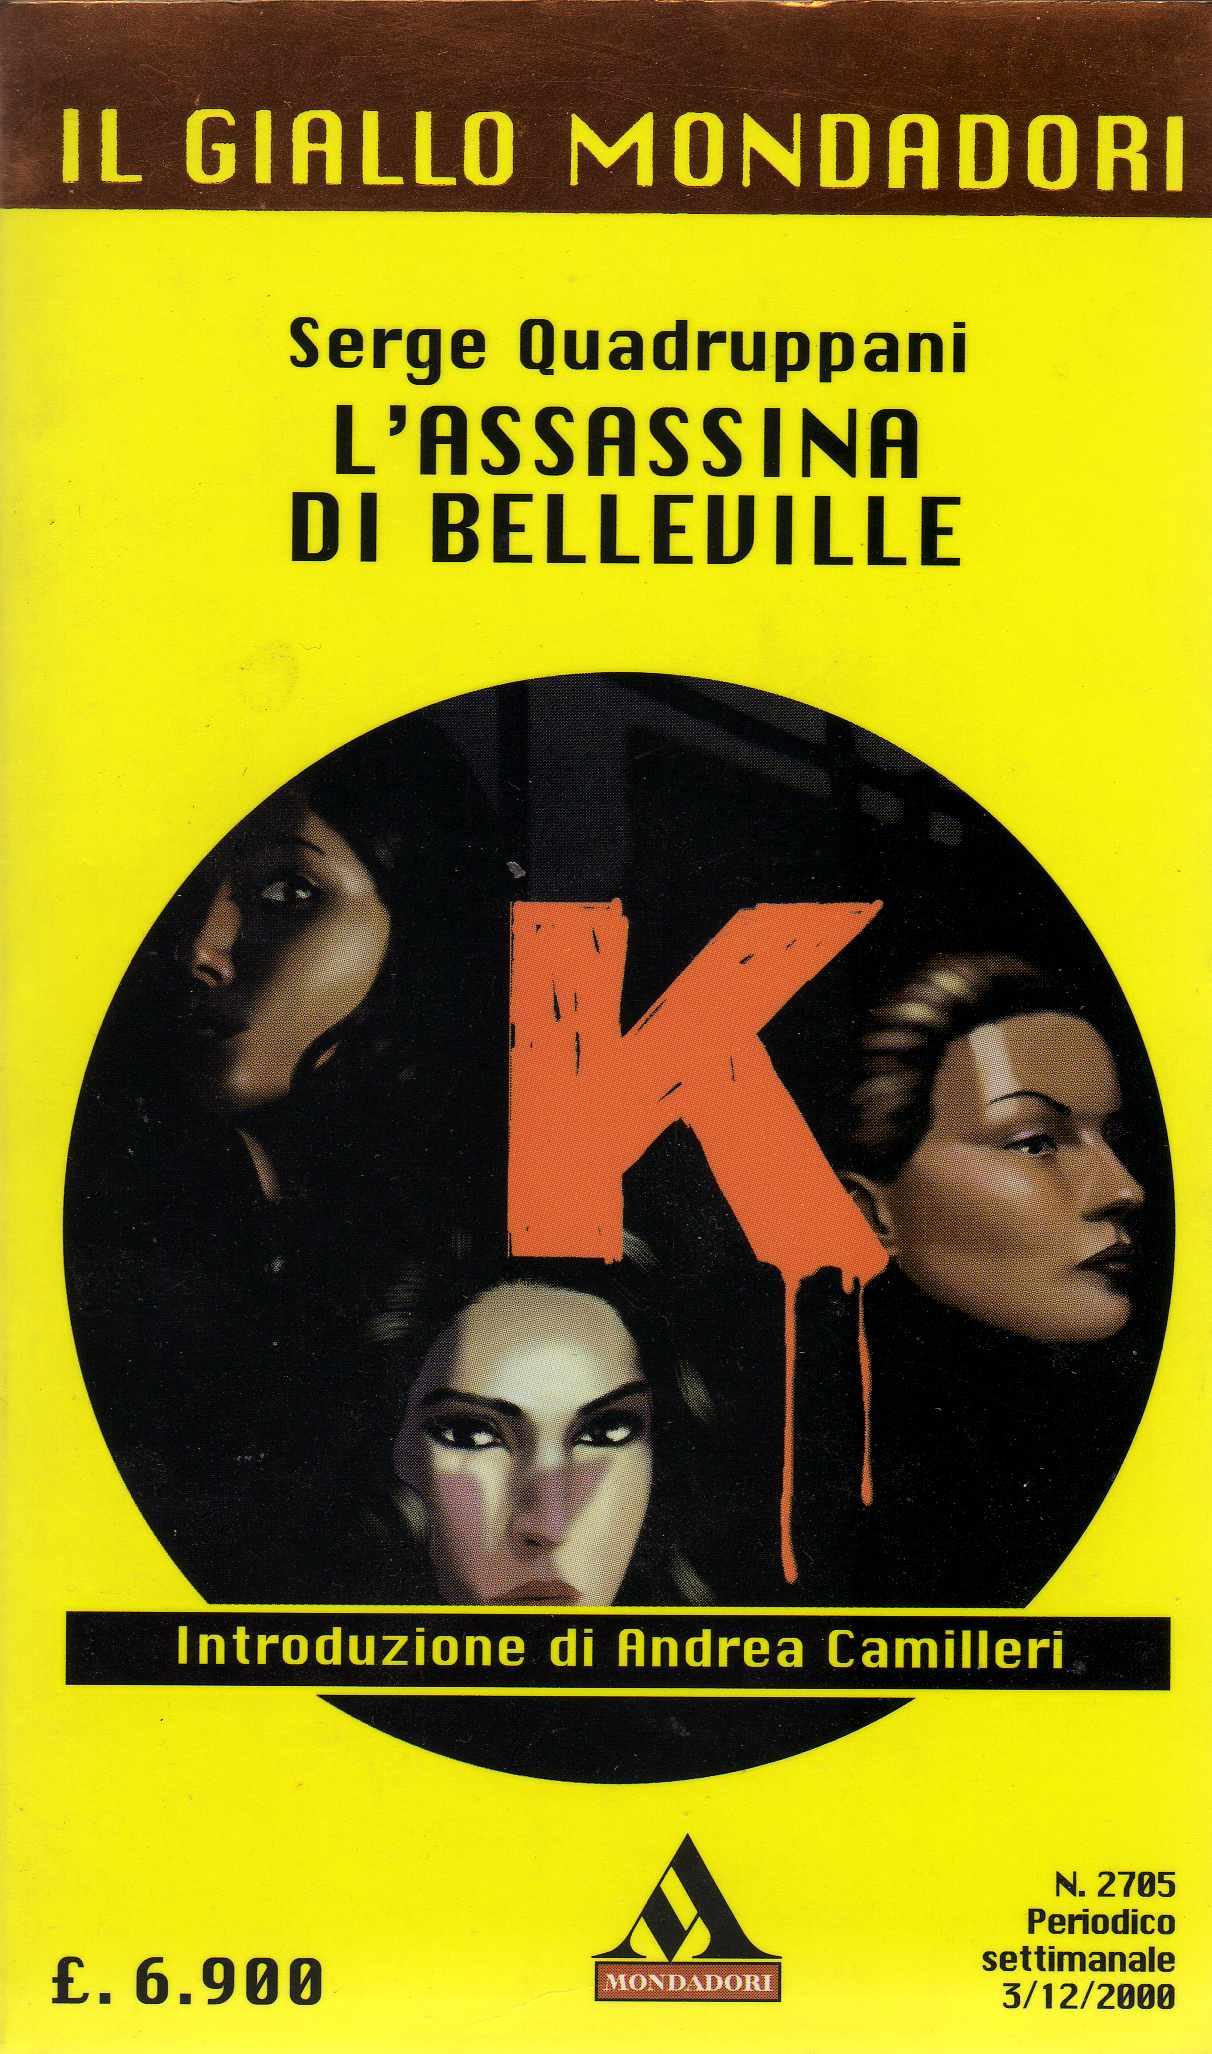 L'assassina di Belleville